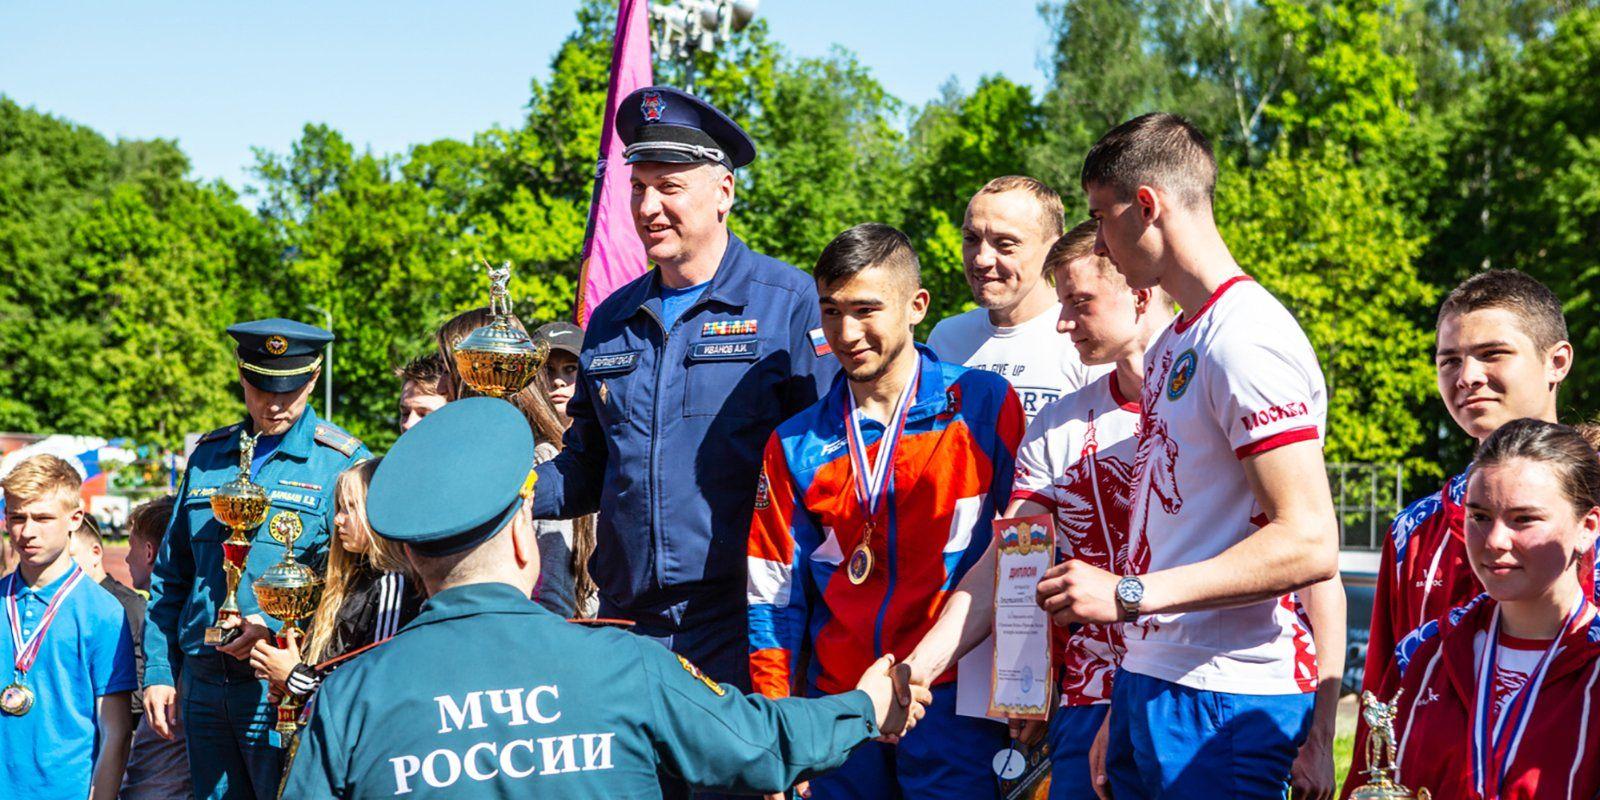 Сборная команда Департамента ГОЧСиПБ одержала победу в финале соревнований